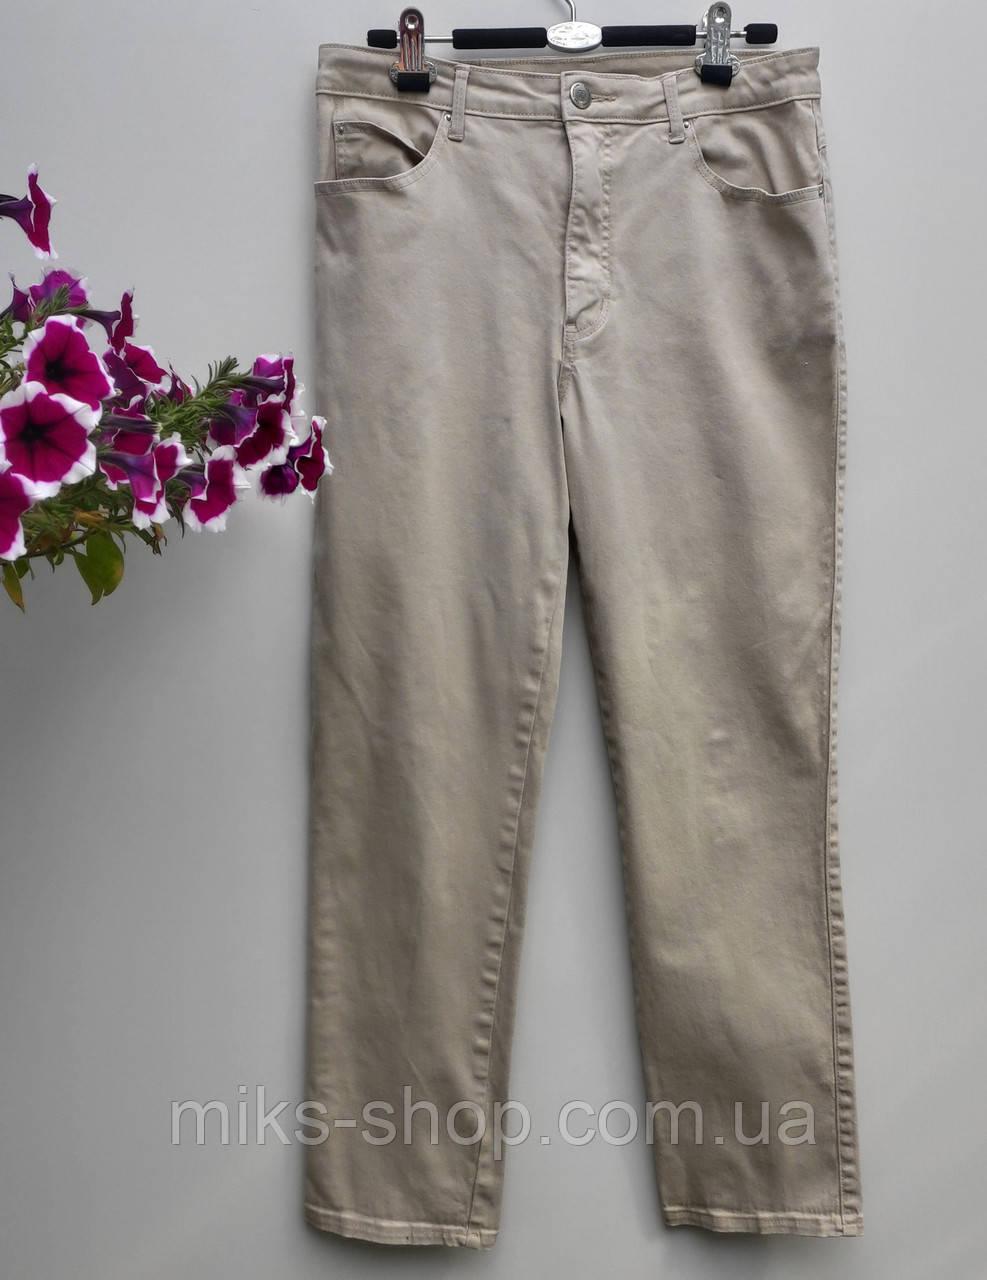 Брюки мужские прямые flash jeans размер 48 (у-65)